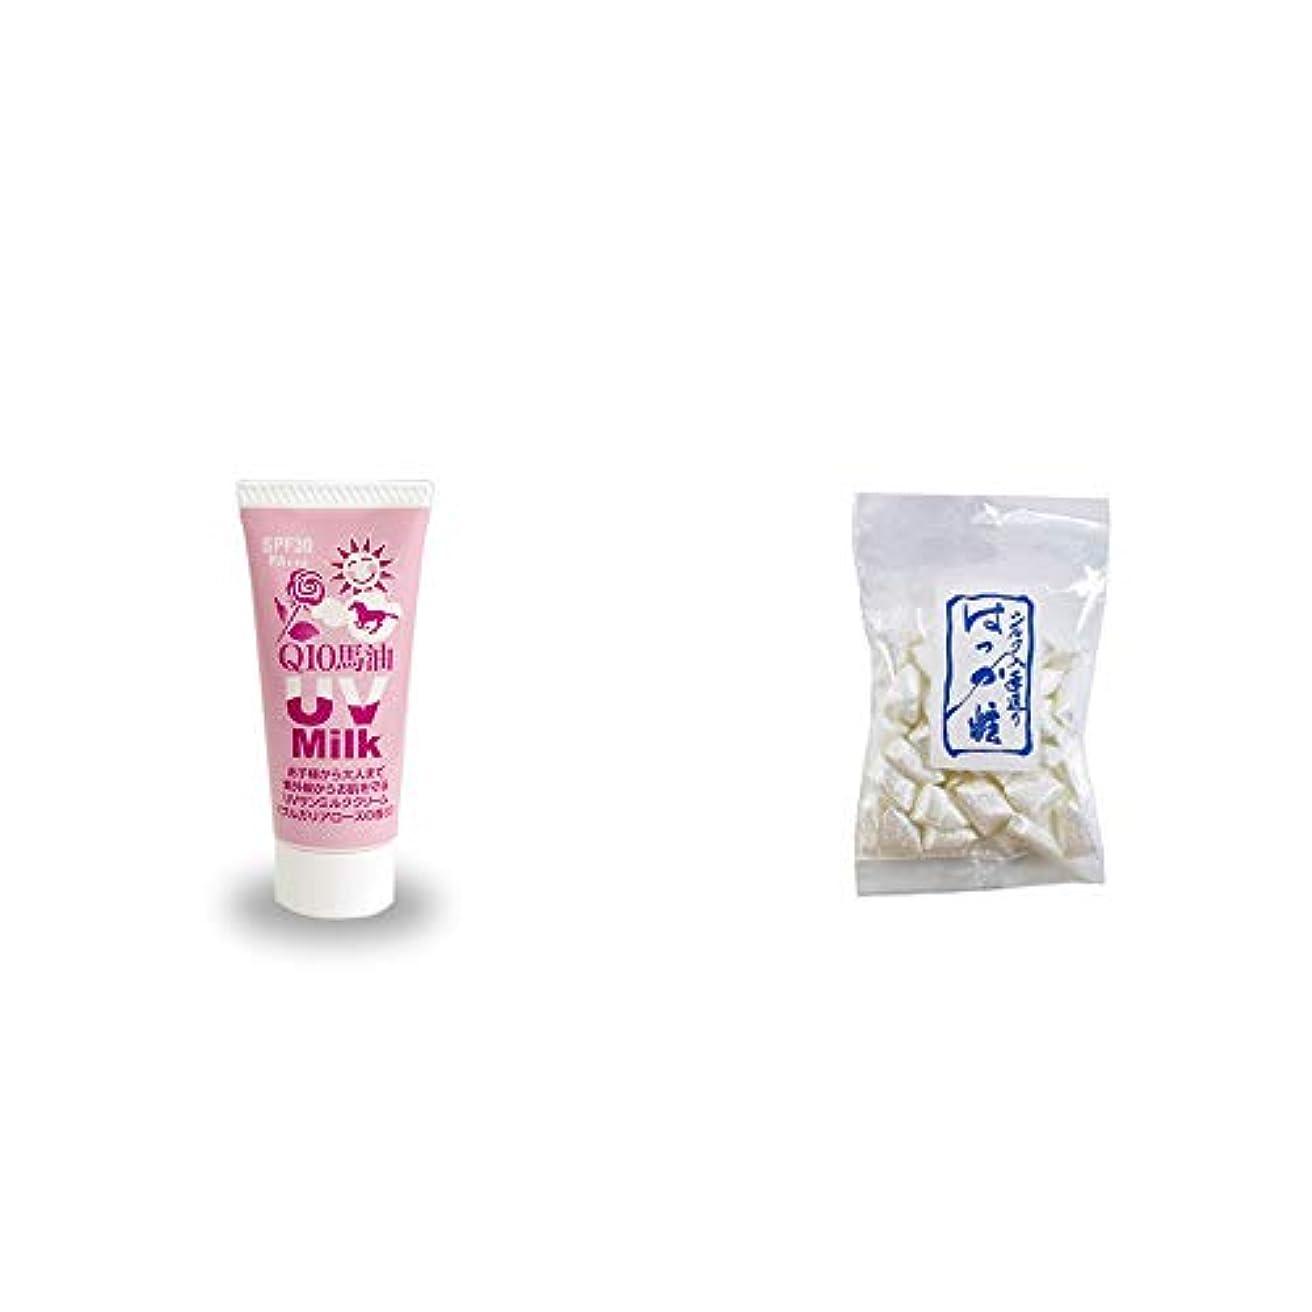 テラス憎しみ優雅な[2点セット] 炭黒泉 Q10馬油 UVサンミルク[ブルガリアローズ](40g)?シルクはっか糖(150g)